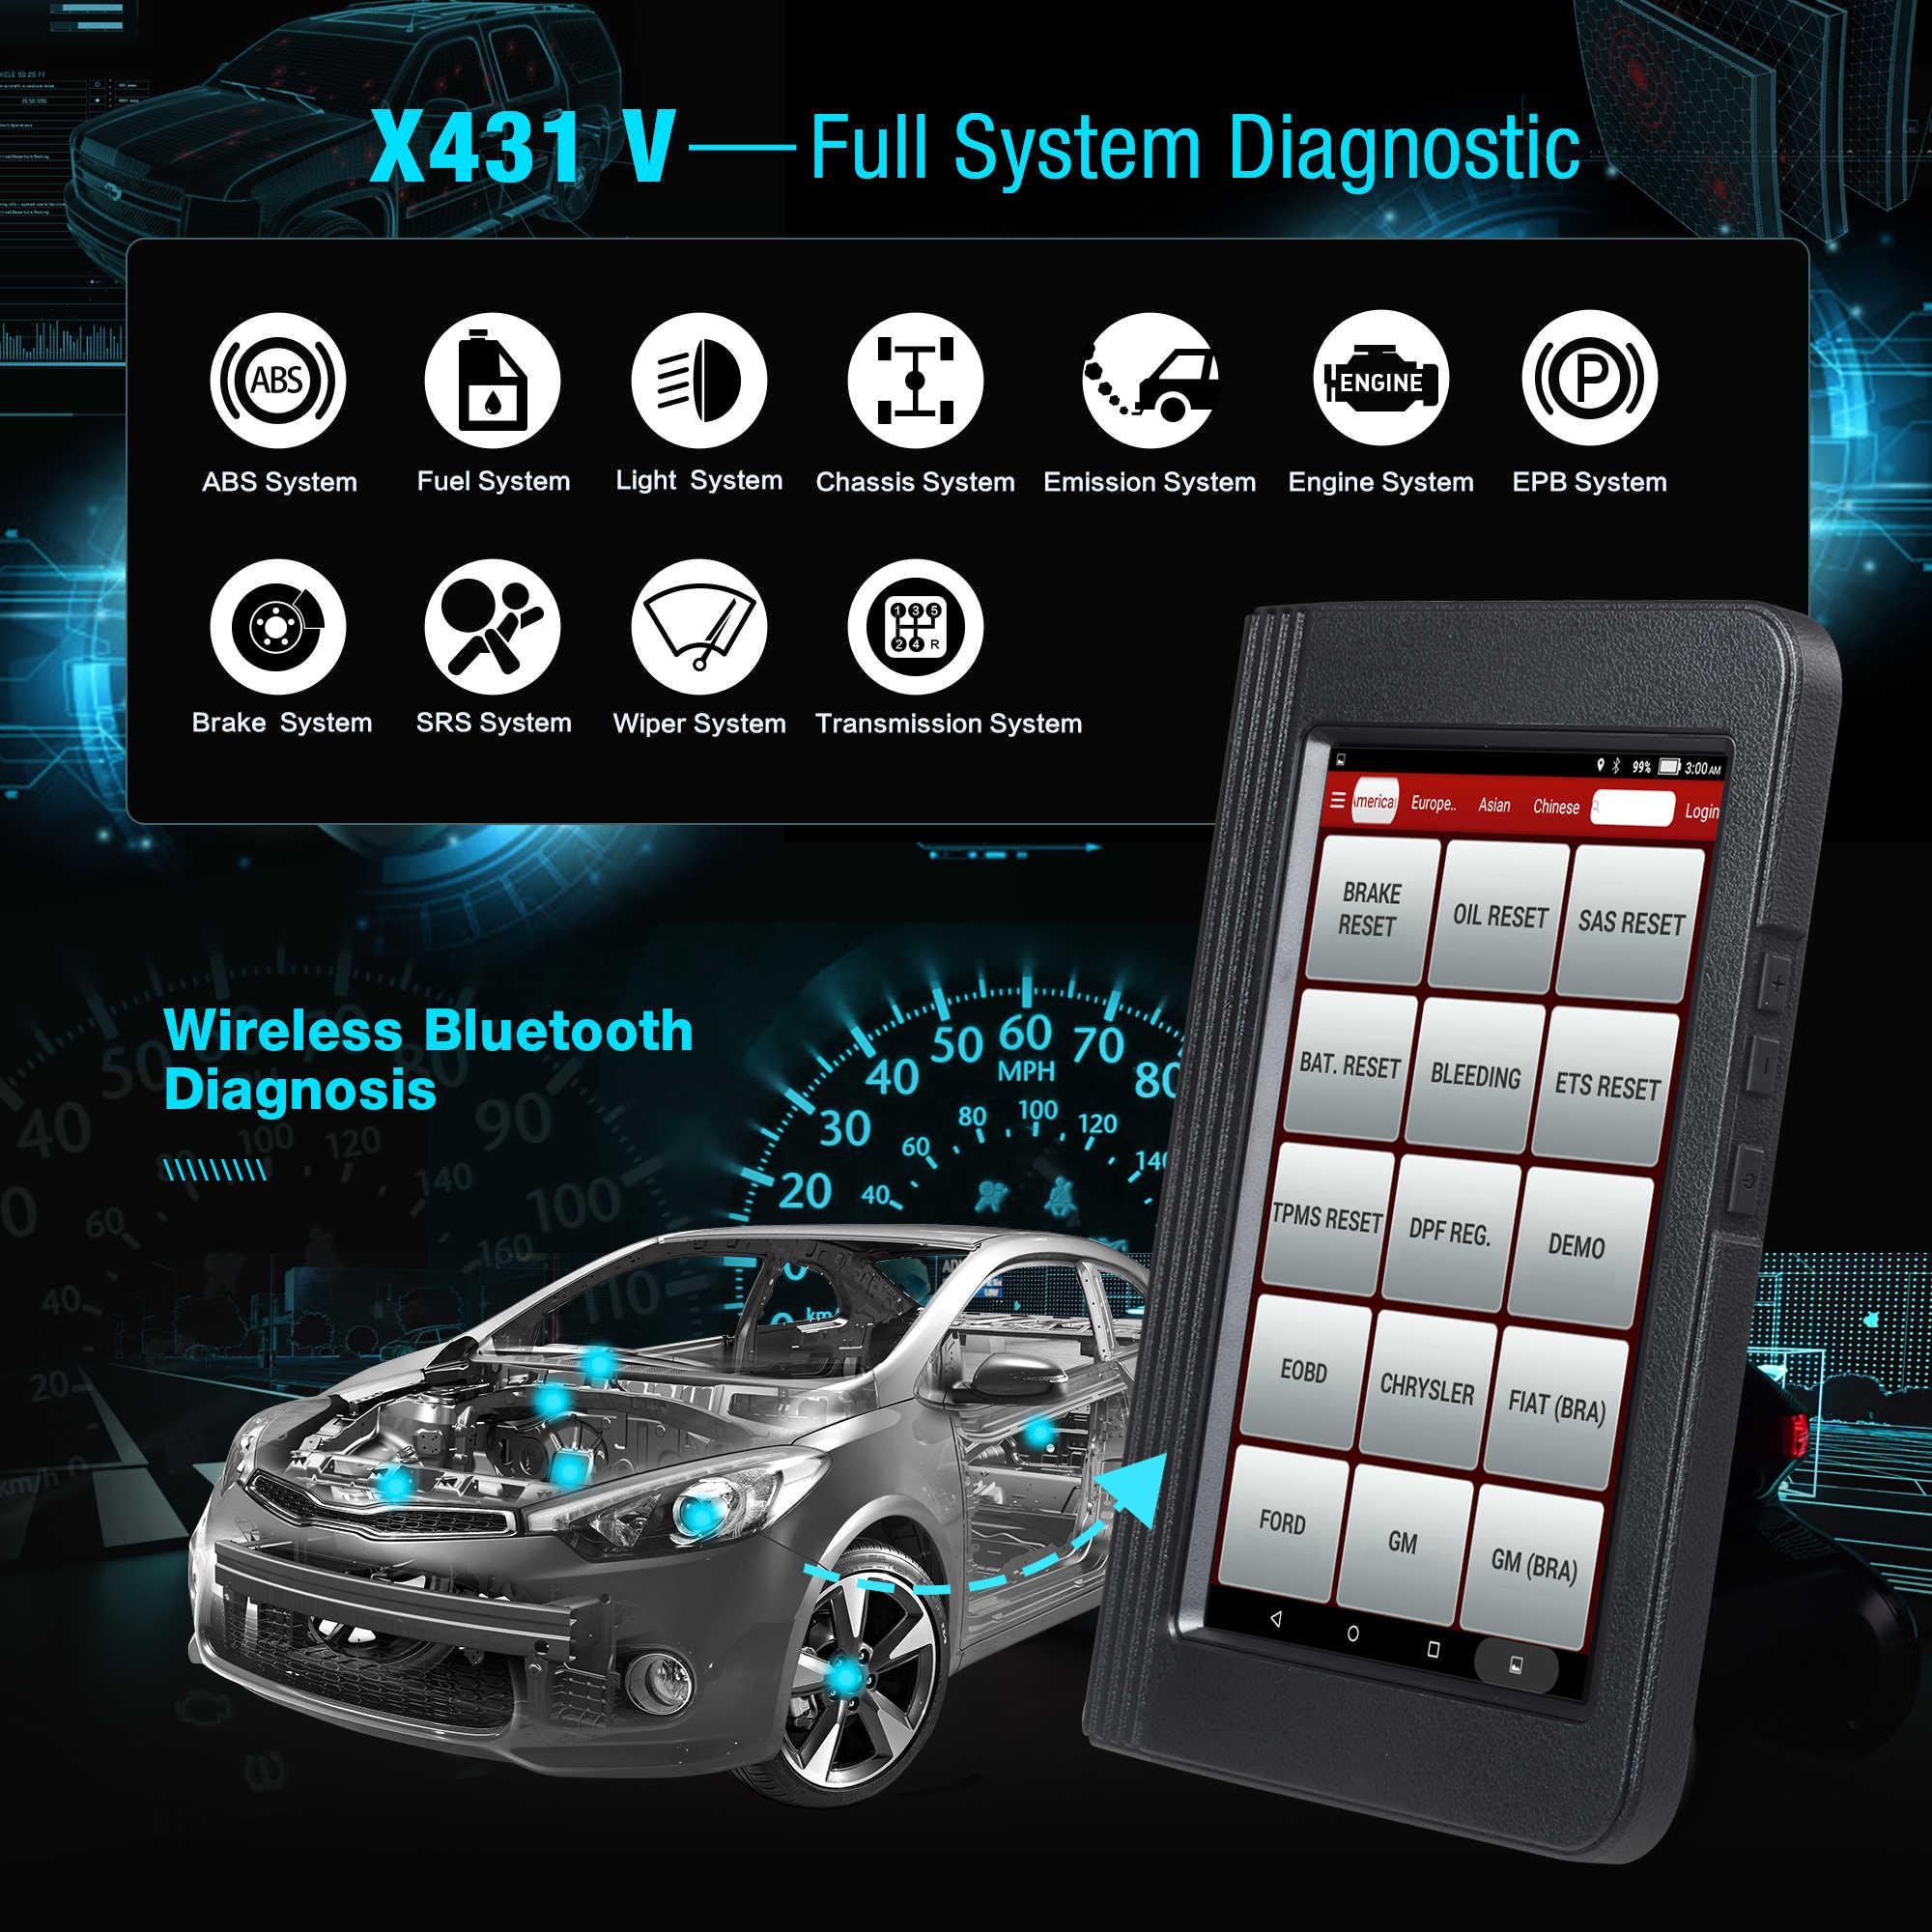 Launch X431 V Wifi/Bluetooth hệ thống đầy đủ Công cụ chẩn đoán x-431 V Pro Mini Mã hóa ECU Máy quét OBD2 cập nhật trực tuyến miễn phí 2 năm